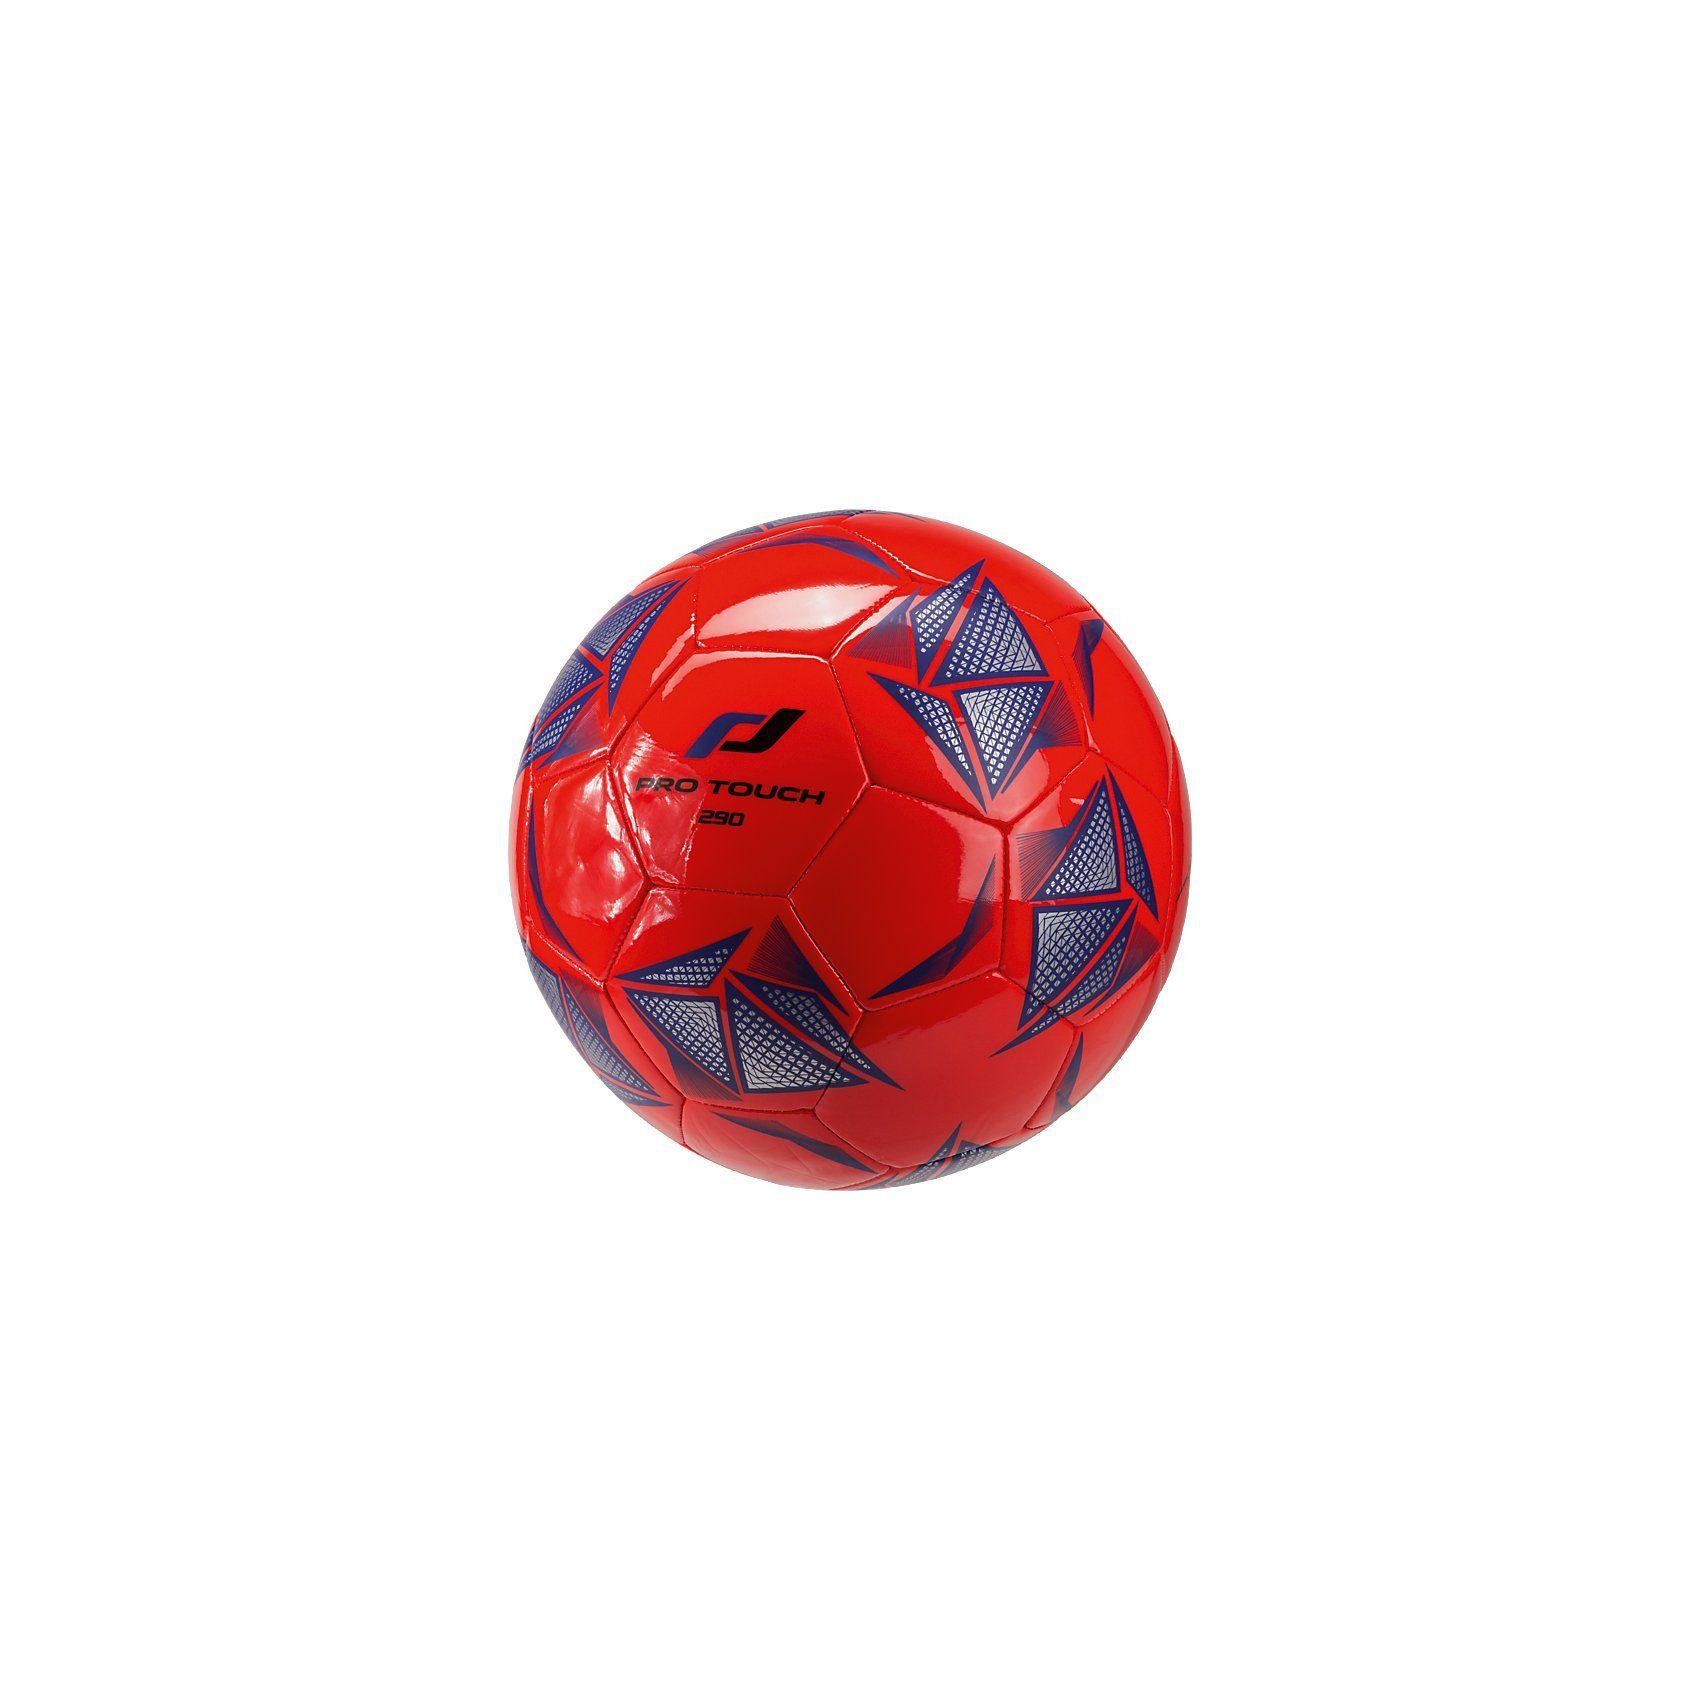 Pro Touch Fußball 290 Lite, Gr. 4